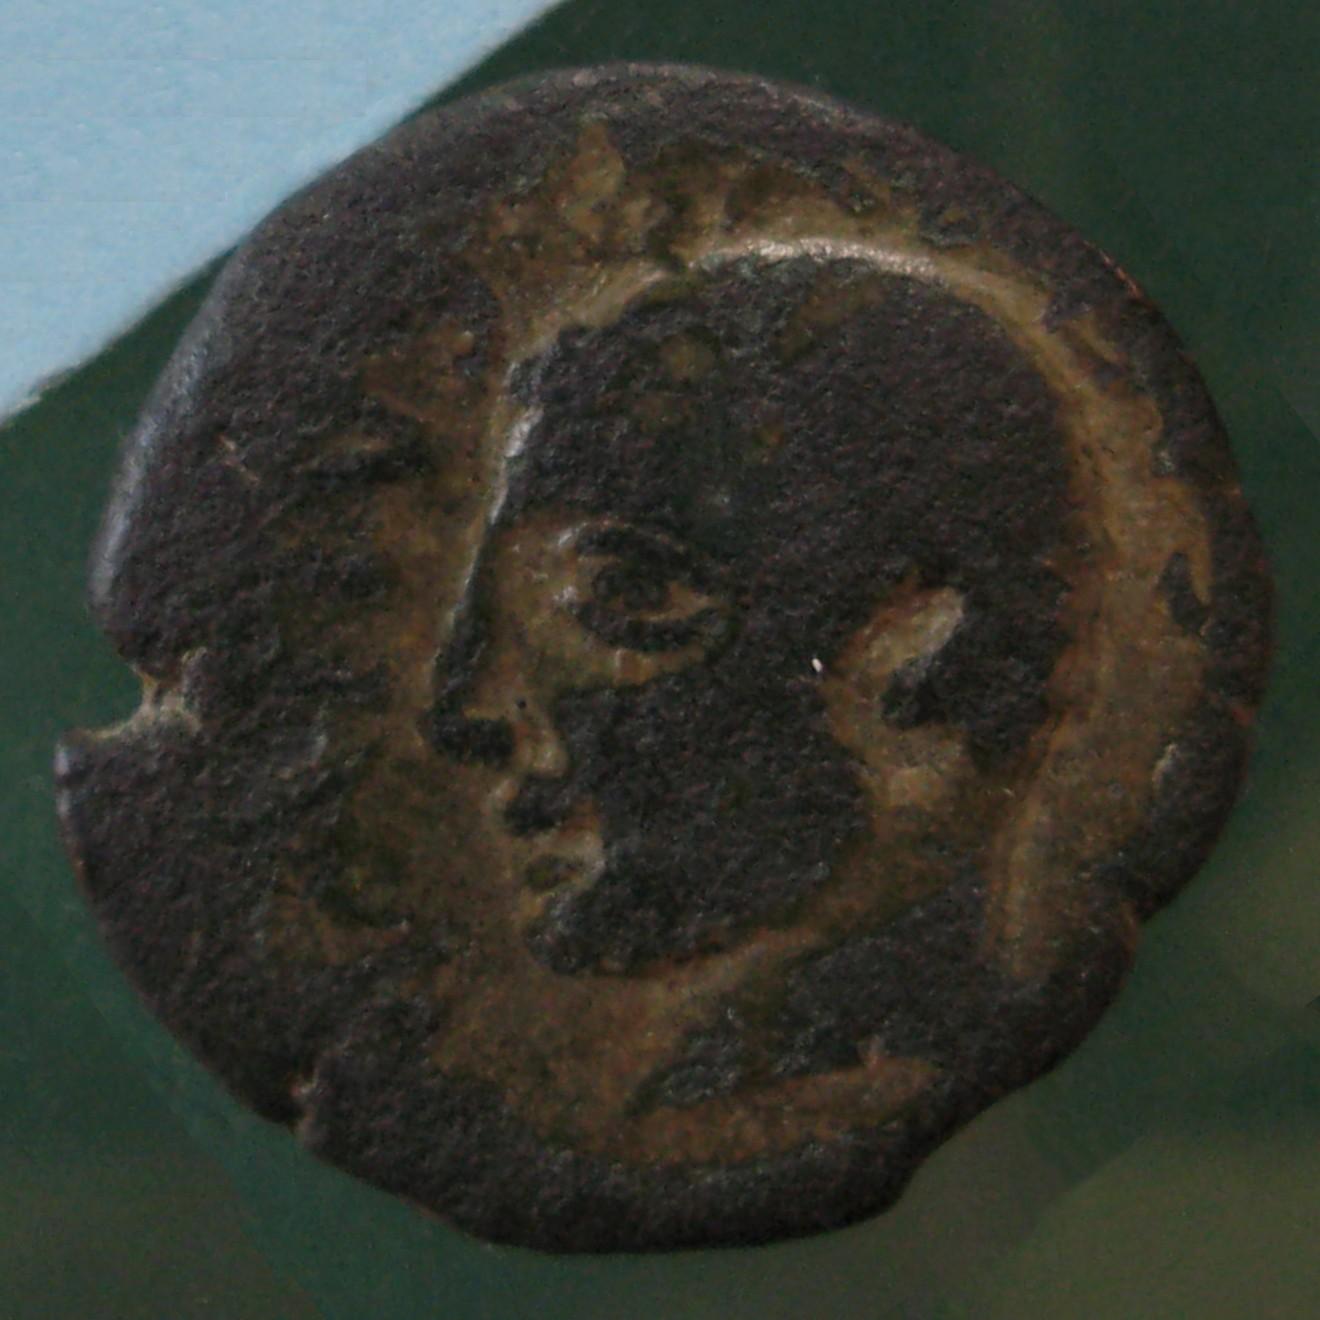 M. Atius Balbus; Sardinia; 38 v.Chr. - 31 v.Chr.; AE; SNG Cop 1112-1113